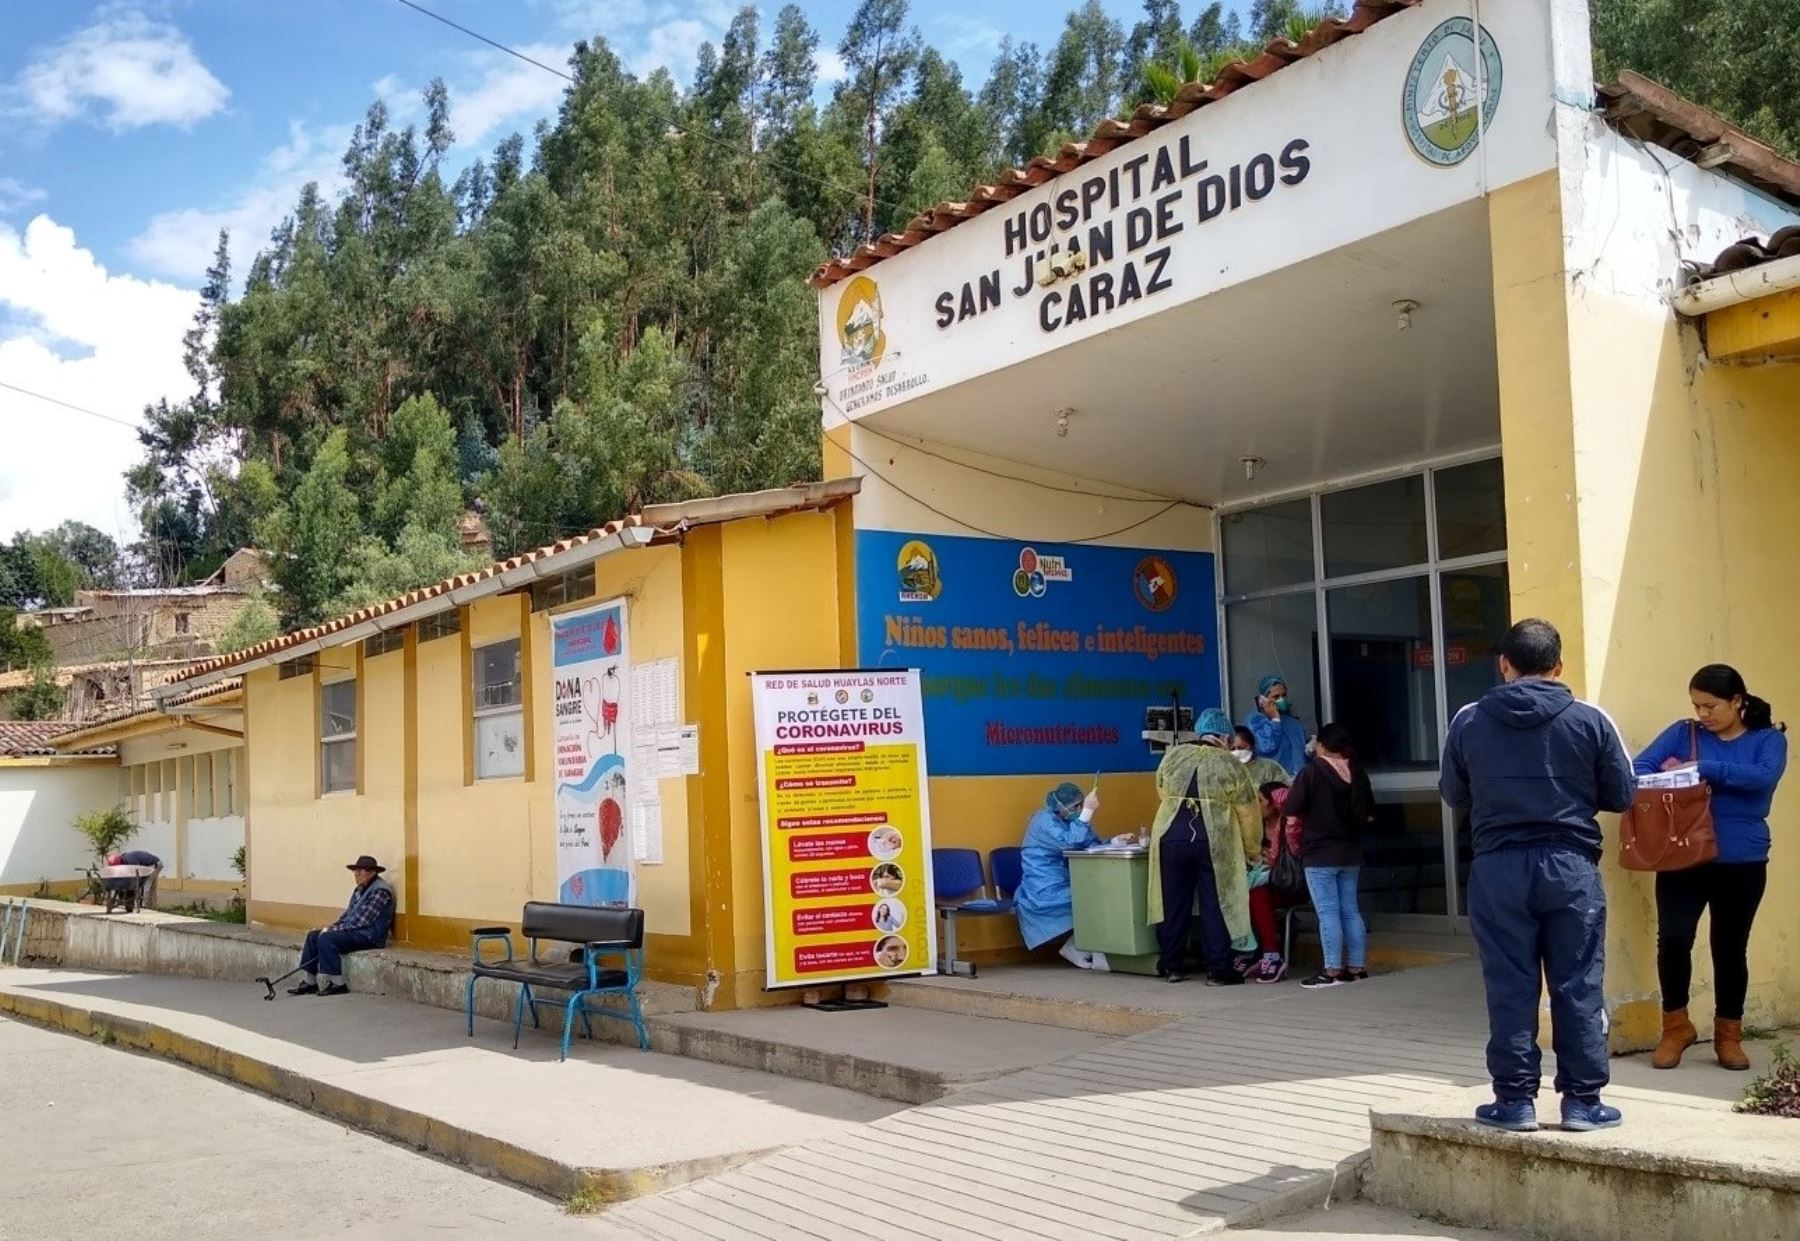 CARAZ : CIERRE DEL MERCADO CENTRAL Y CAMPO FERIAL POR 15 DÍAS